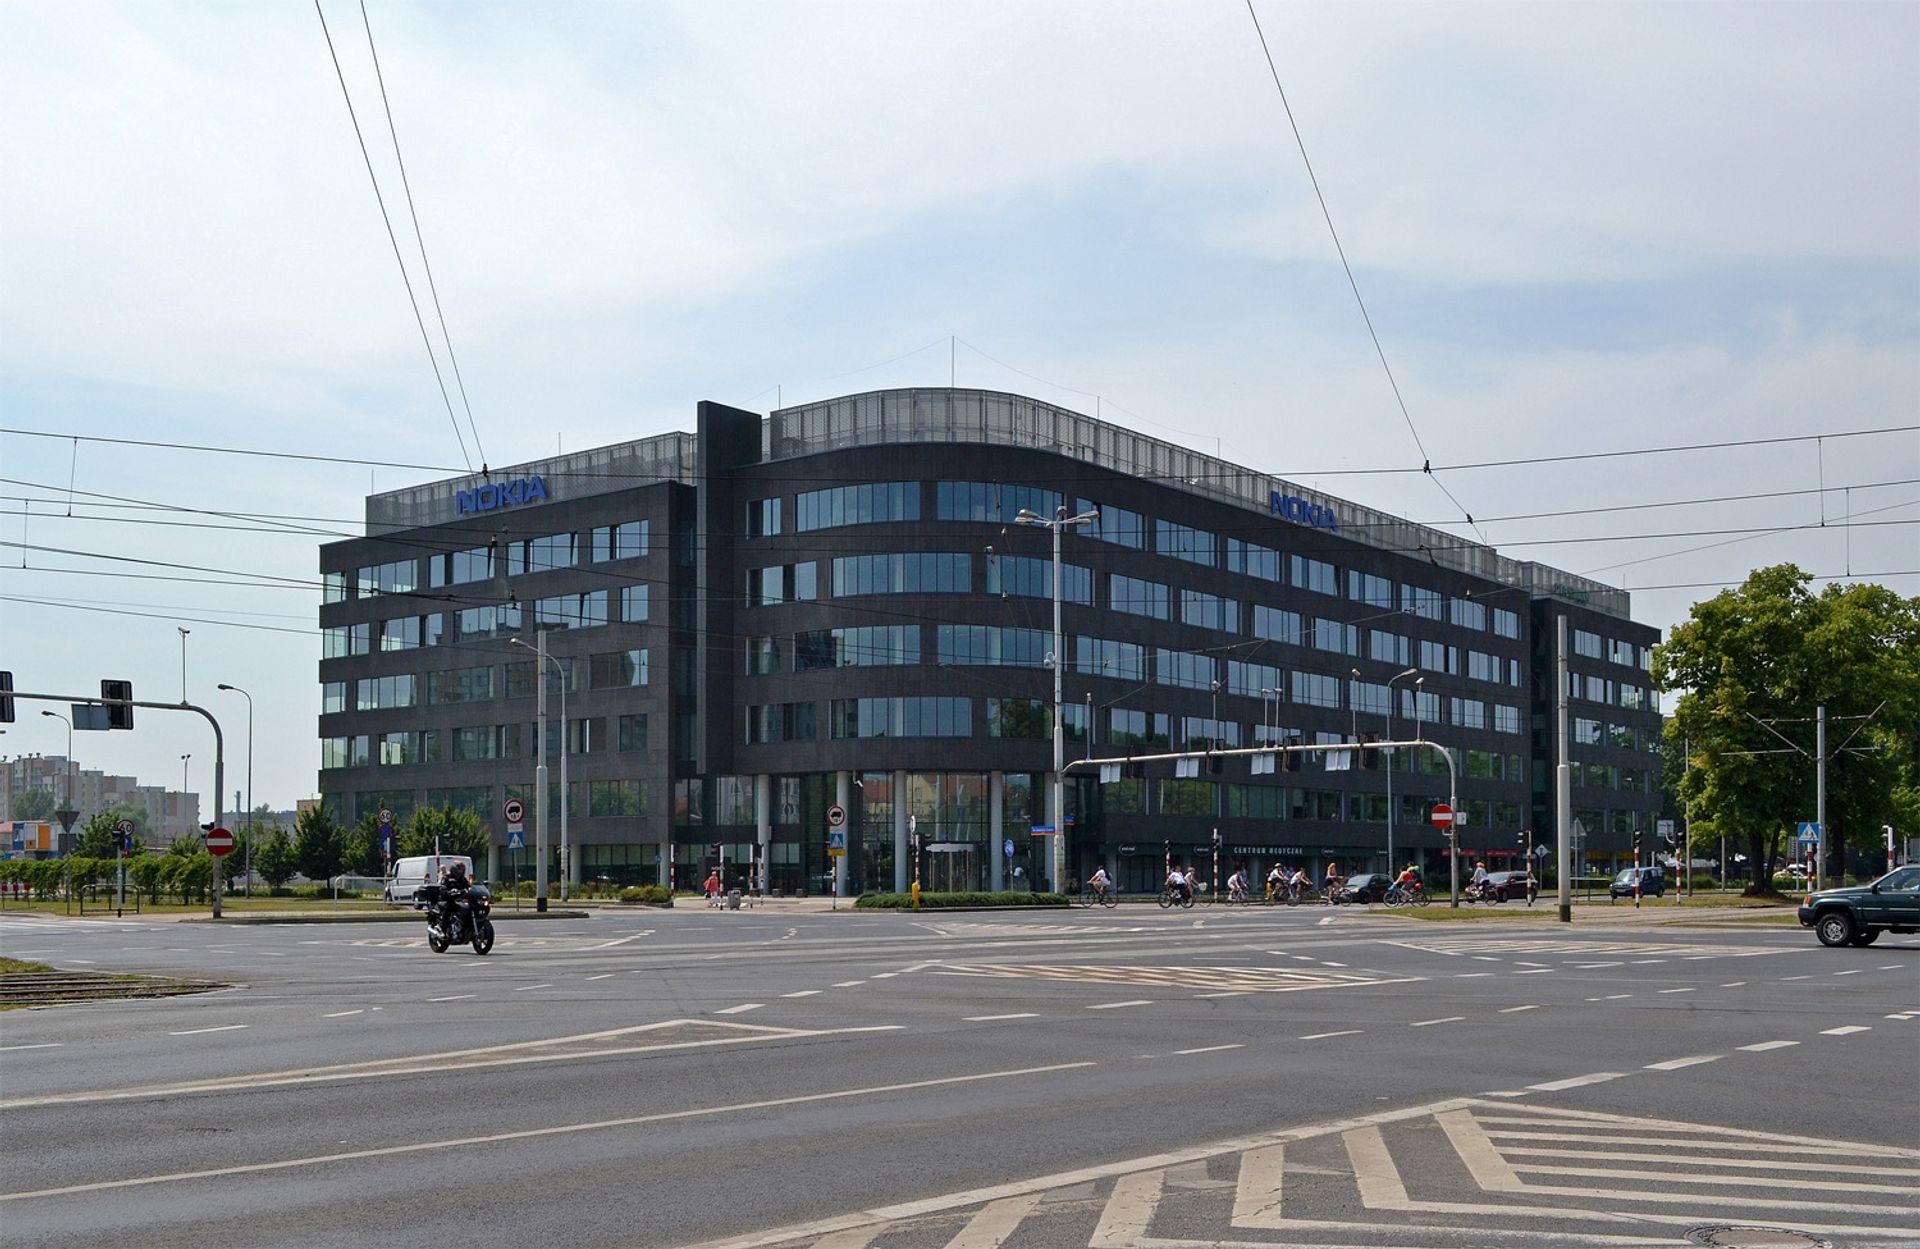 [Wrocław] Nokia chce zatrudnić kolejnych kilkuset nowych pracowników